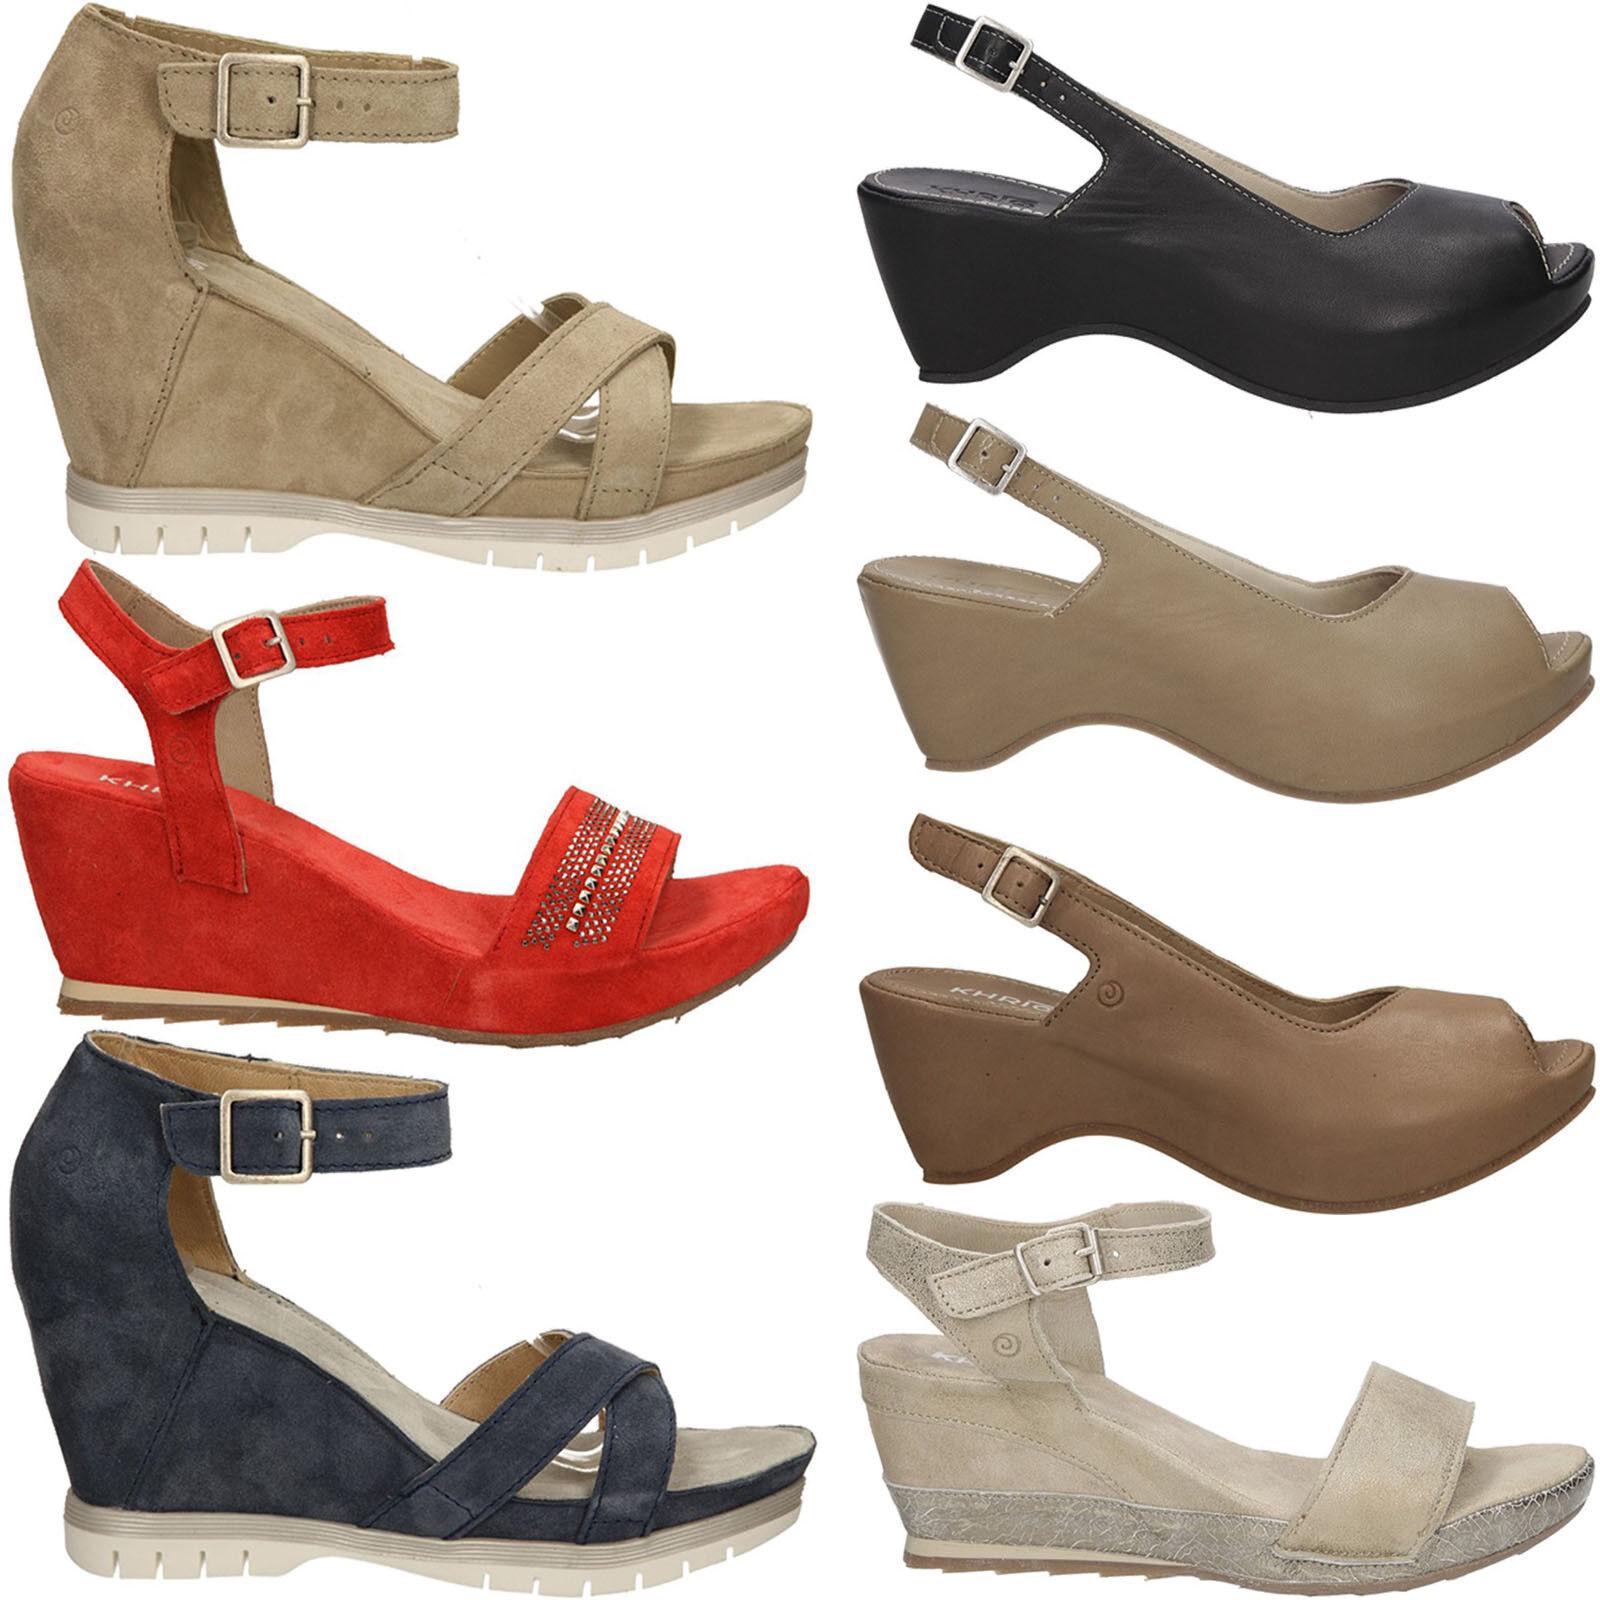 Damen Schuhe Sandaletten Khrio Echtleder Schnalle Keilabsatz Sommer Gr.36-40 NEU